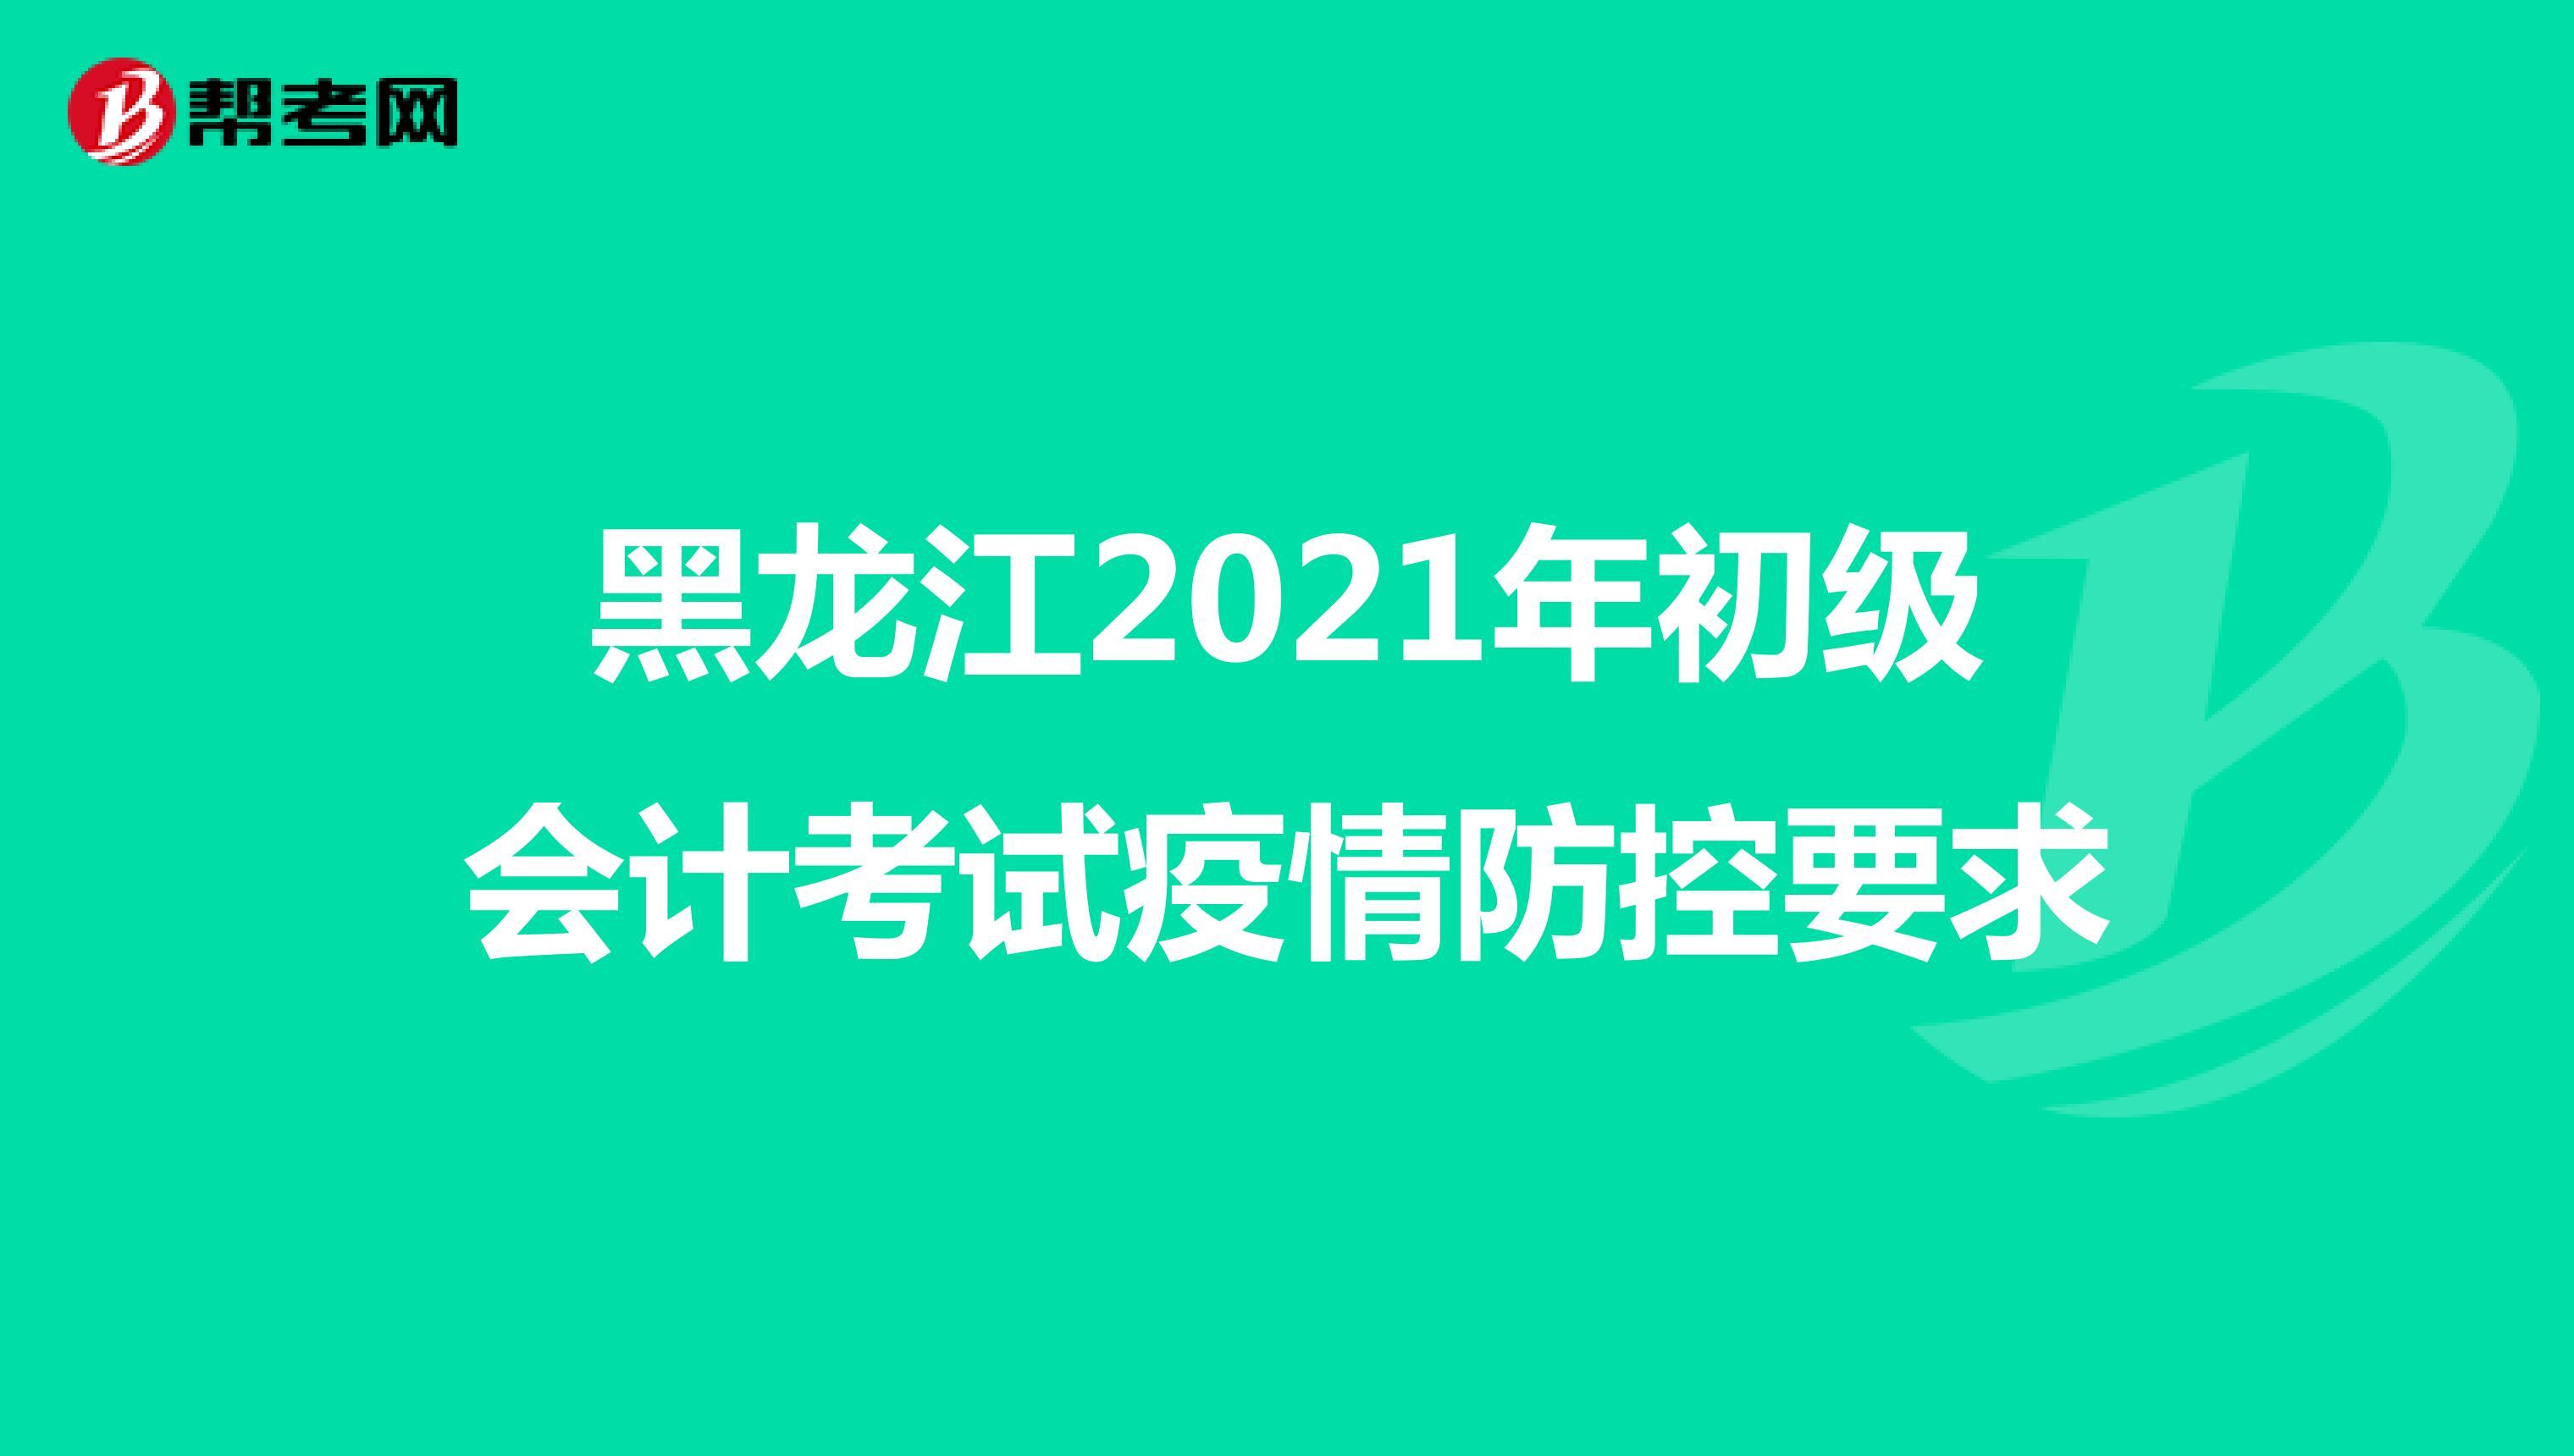 黑龙江2021年初级会计考试疫情防控要求